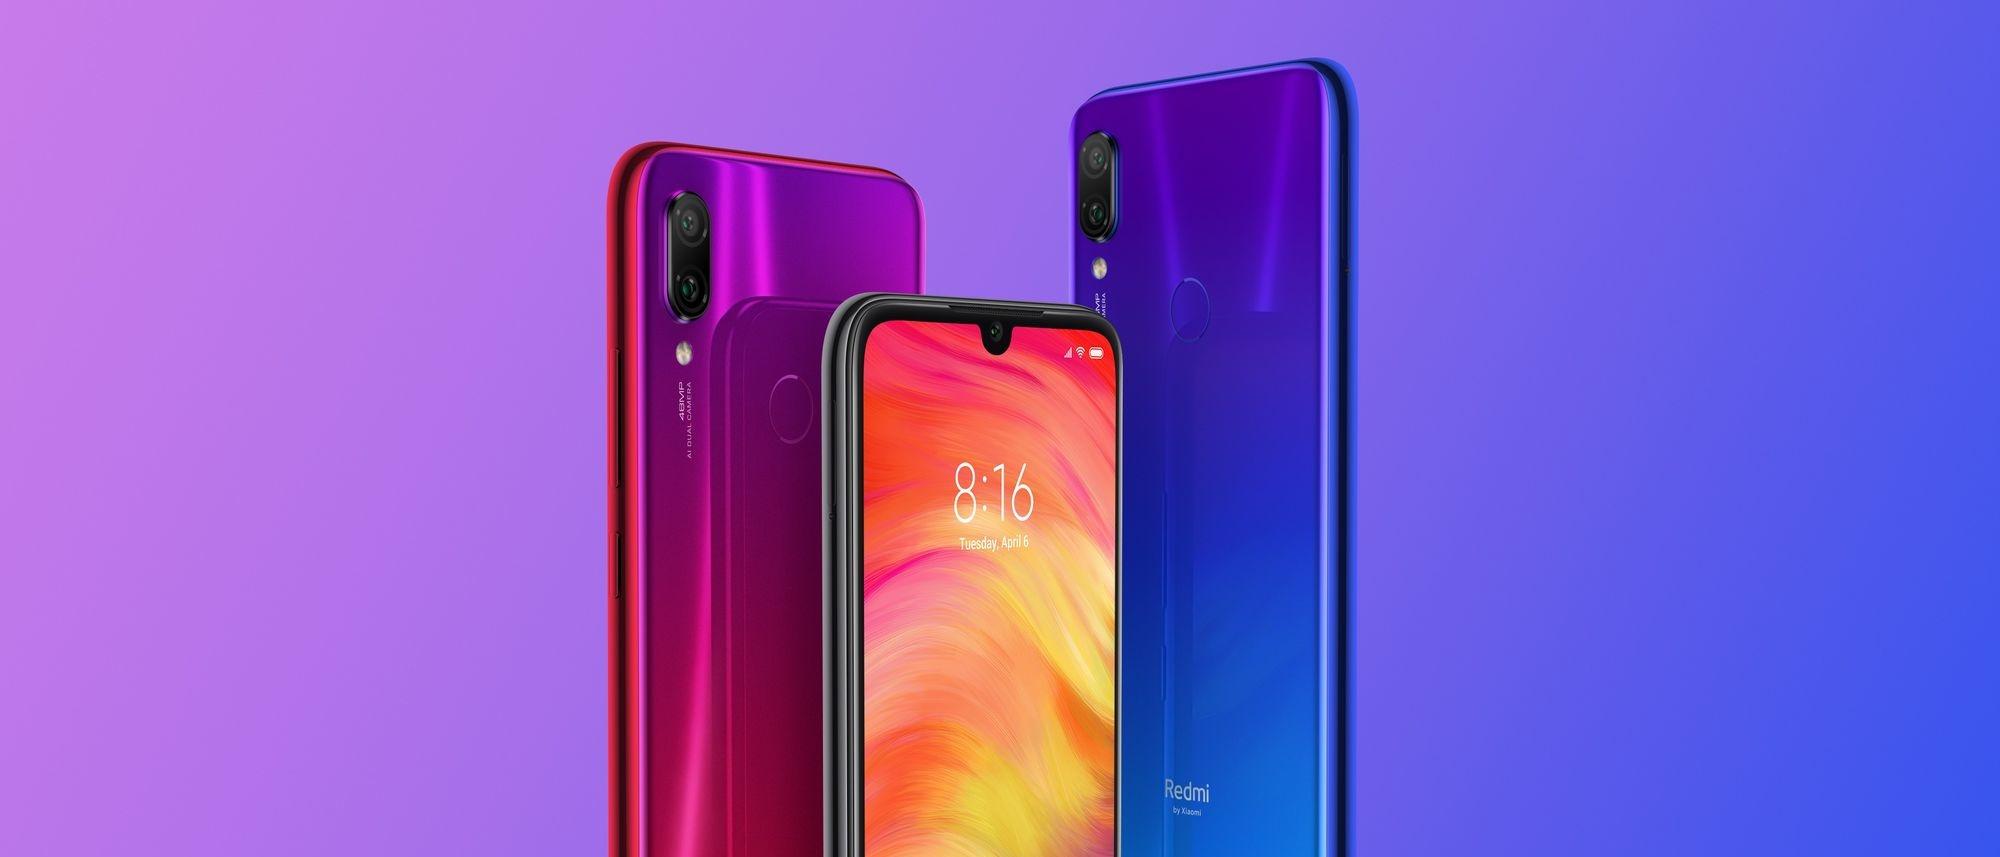 Xiaomi Redmi Note 7, Xiaomi